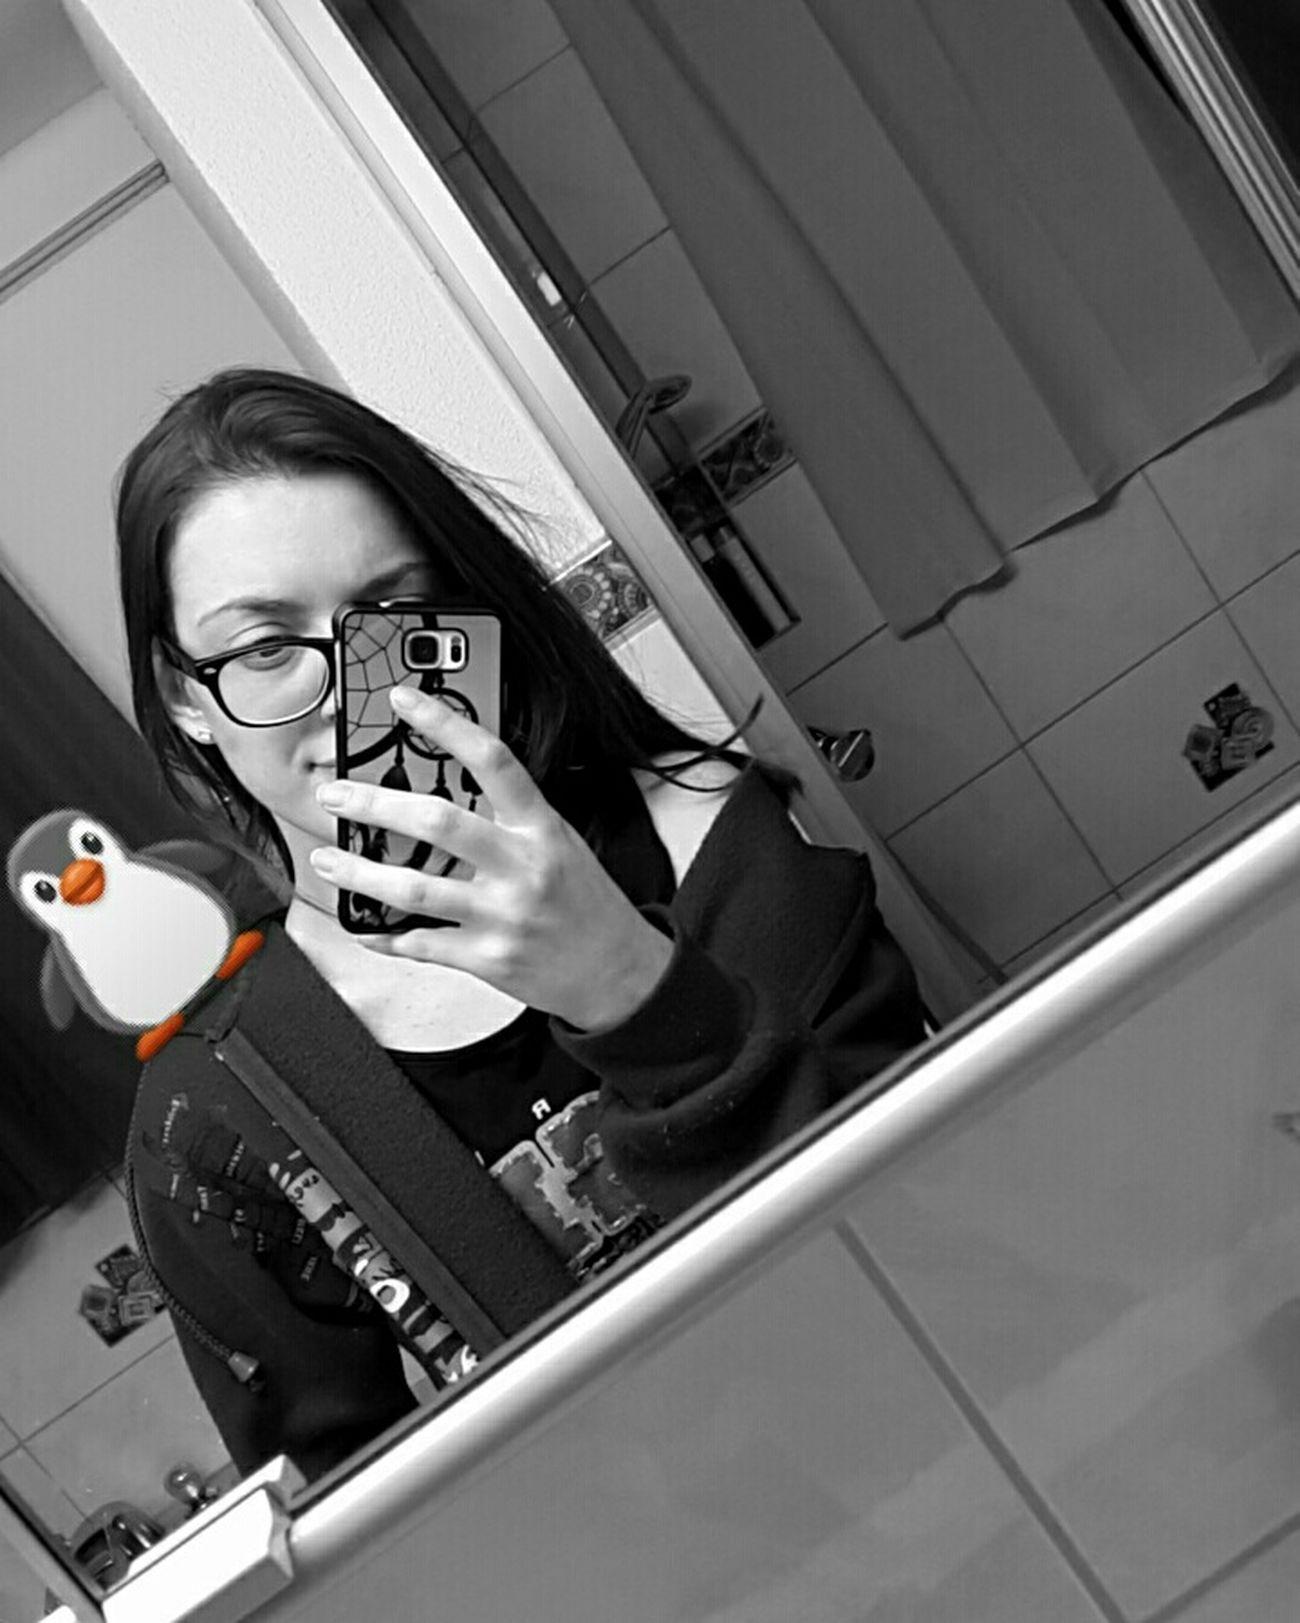 Es ist so schmerzhaft, wenn sich jemand gegen dich entscheidet. Snapchat Sad But True  Blackandwhite Run Away Shitty Day Taking Photos Penguin Just Smile  Close Mind Thoughts